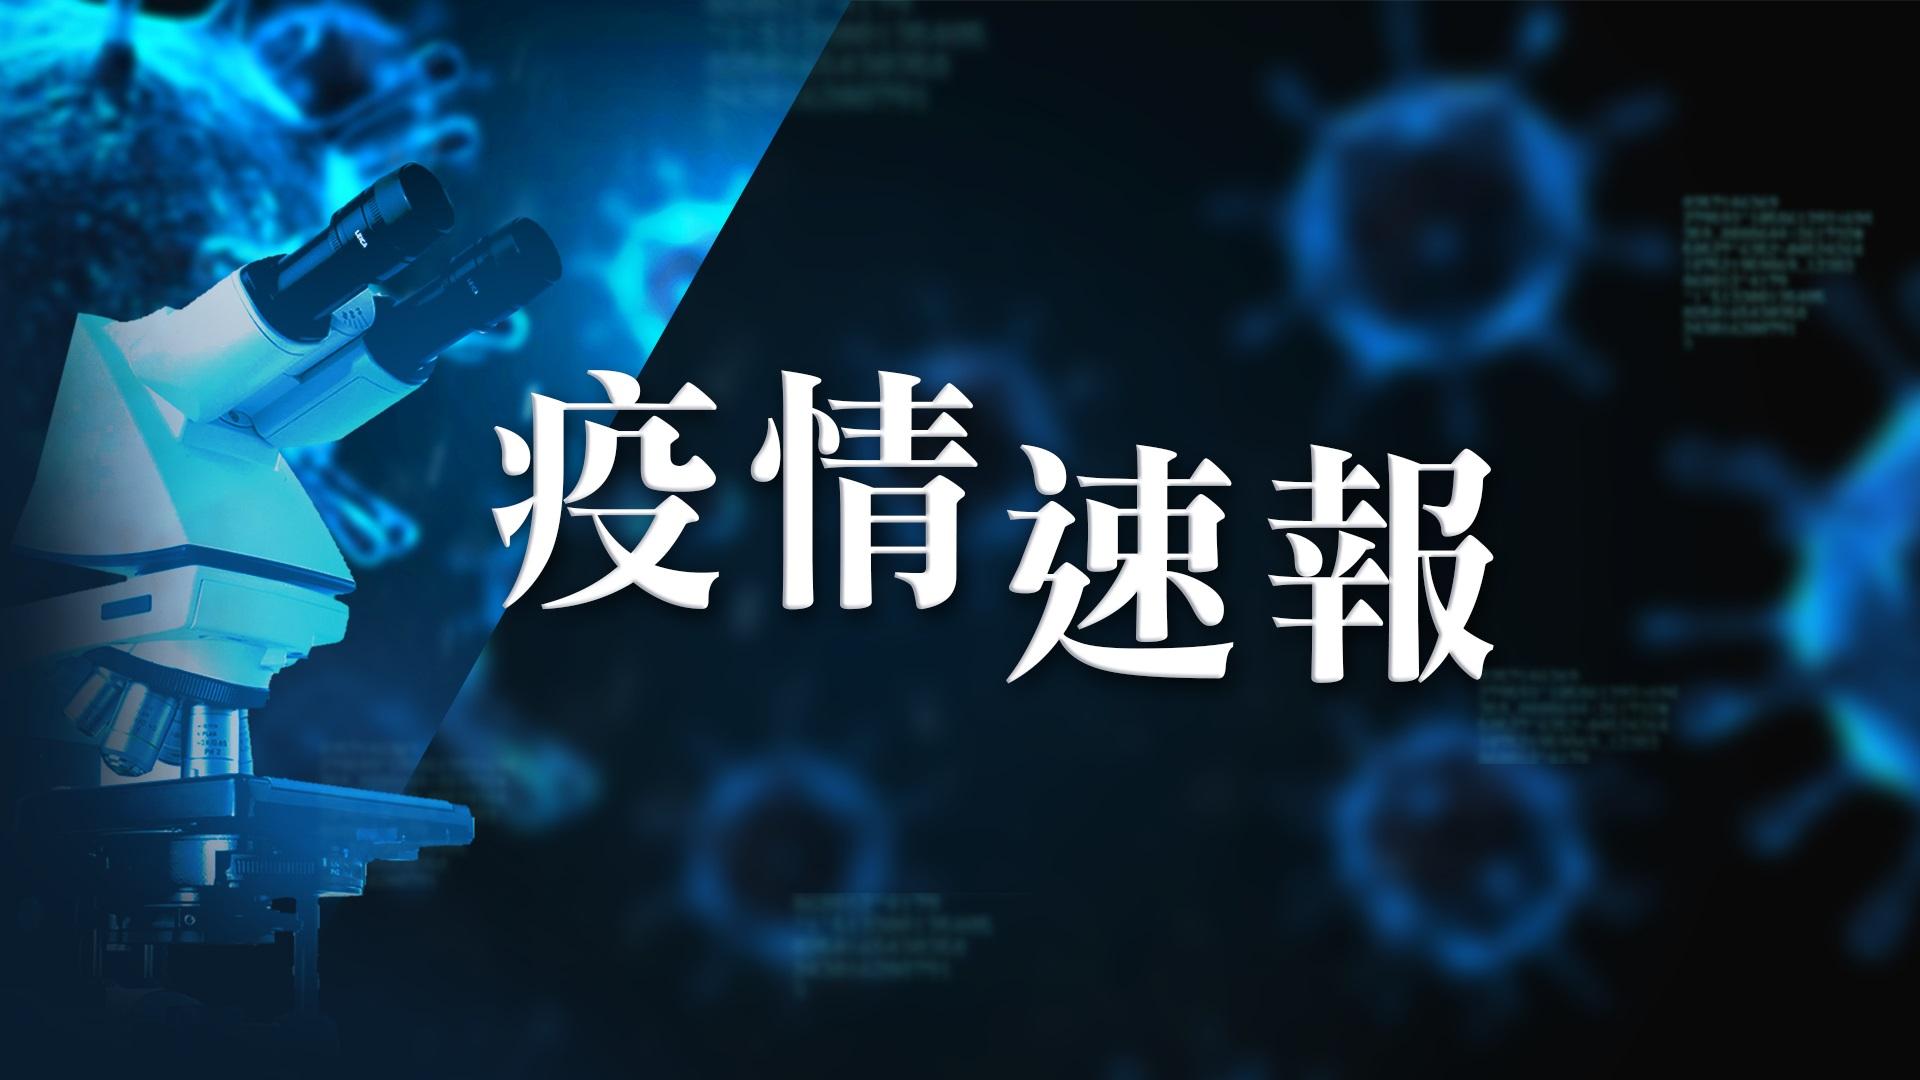 【6月14日疫情速報】(23:15)